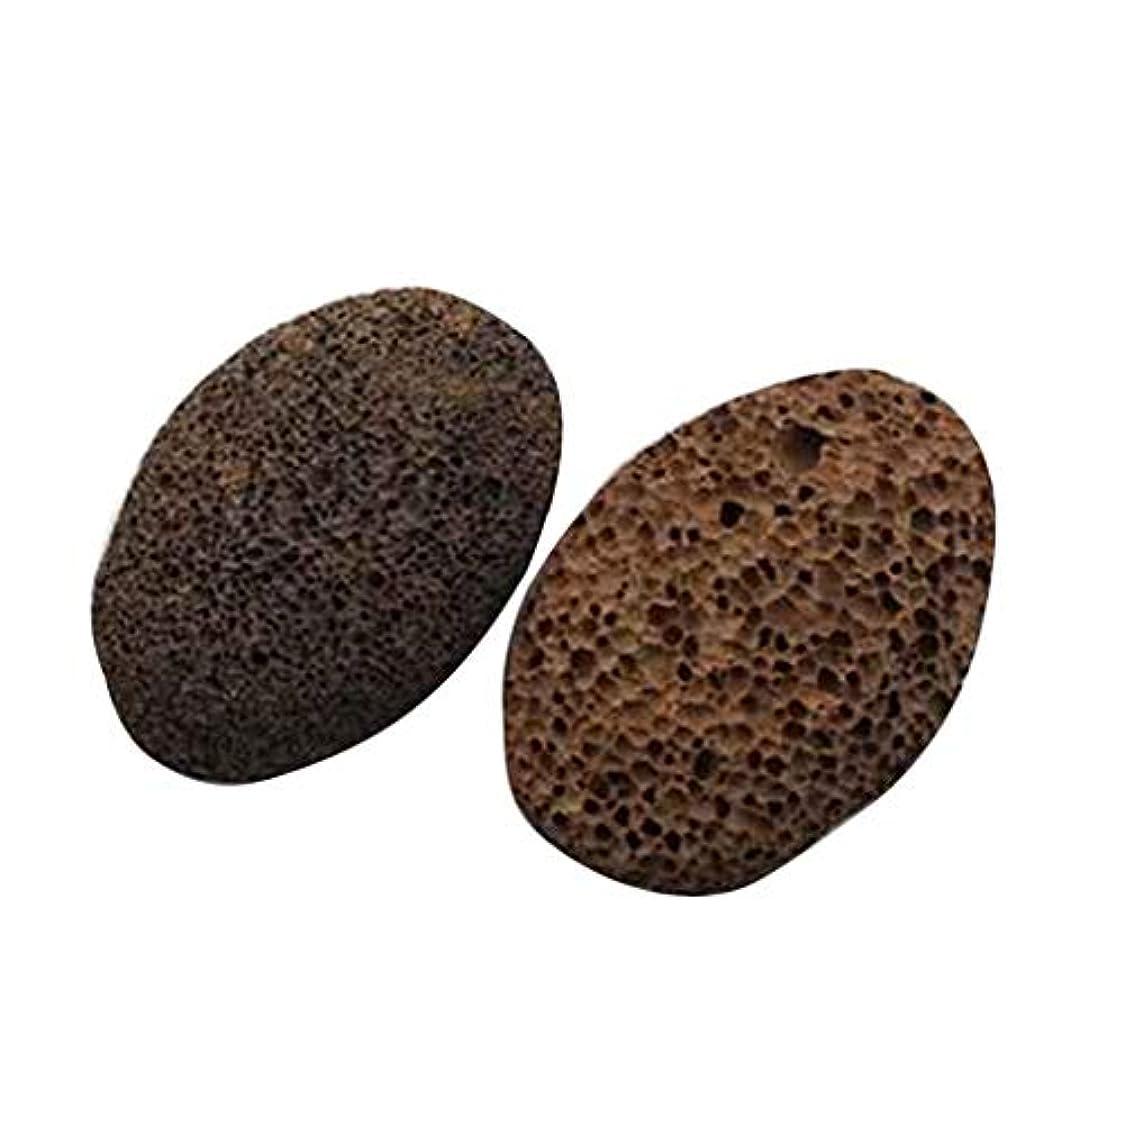 薄める義務月面Nerhaily 死んだ皮軽石を取り除き 足石を挽いて 自然の火山石を剥がします 足マッサージ石 ワイプ足石 2個セット